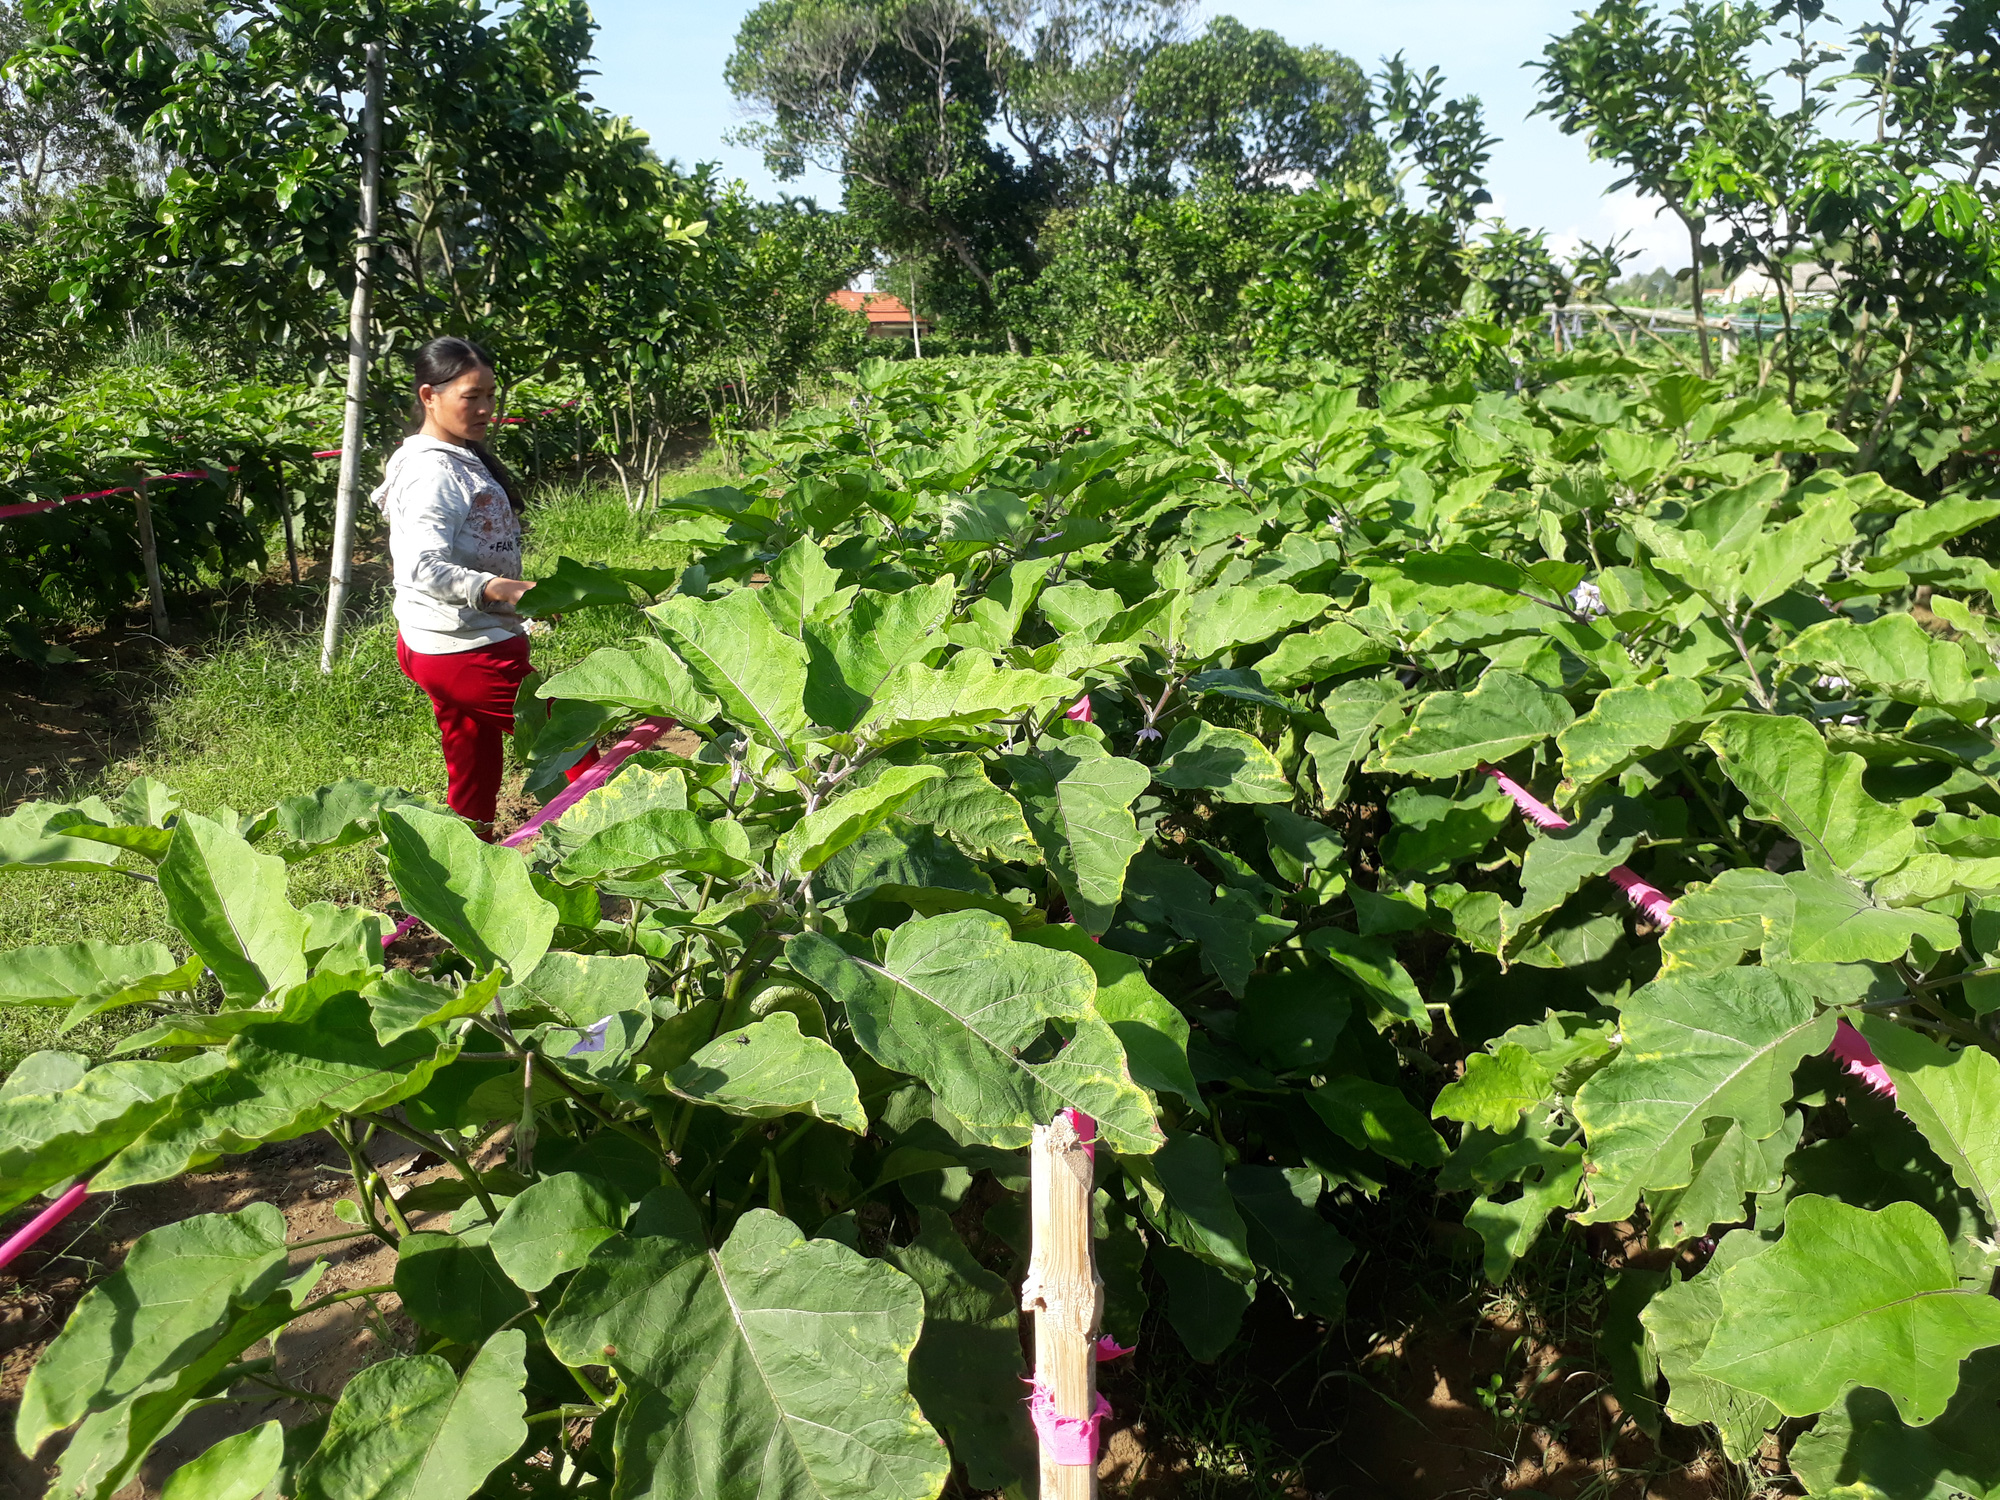 Quảng Nam: Thành phố Tam Kỳ đạt chuẩn Nông thôn mới, dân vùng nông thôn có thu nhập gần 54 triệu đồng/năm - Ảnh 3.